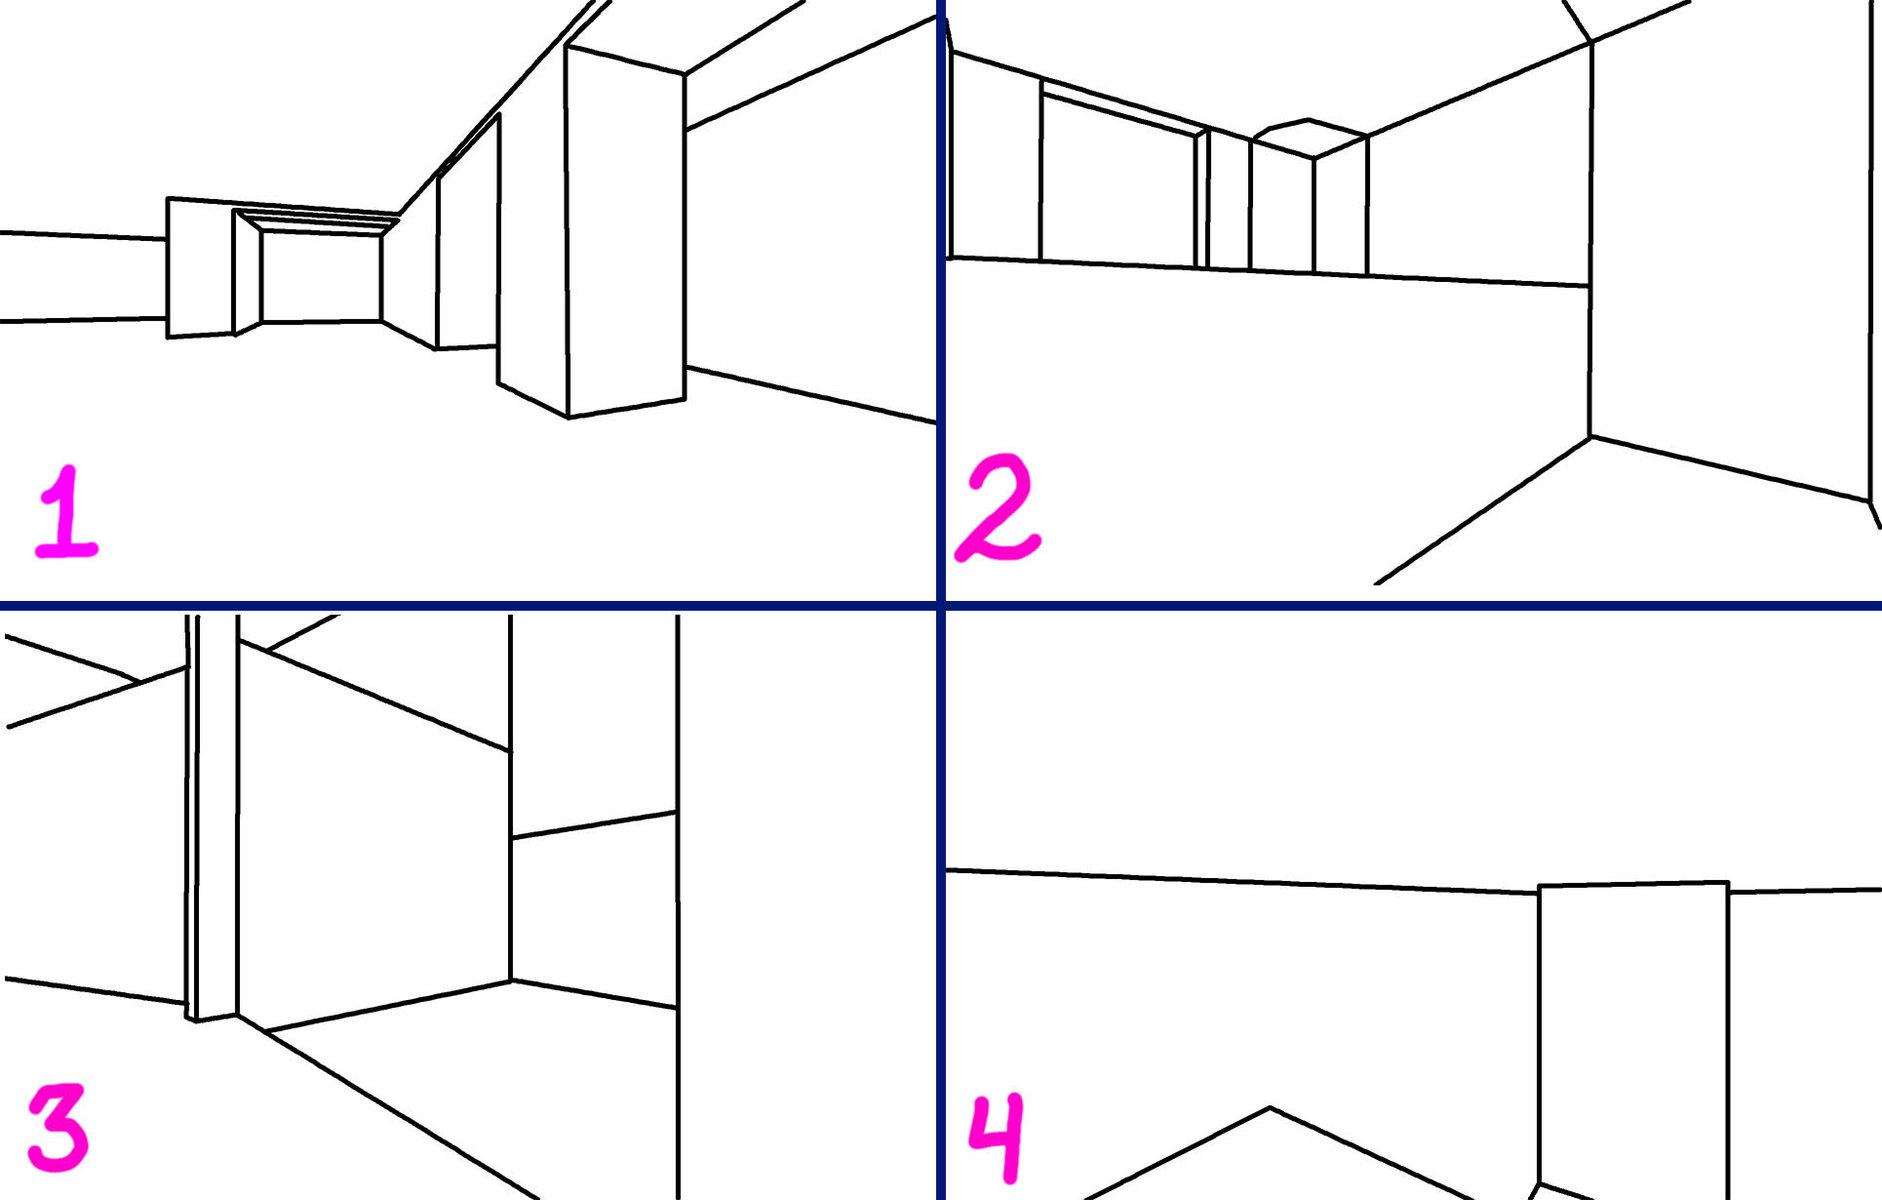 guess.jpg.c2a13be61af9bdbafedad8eeec4e78d3.jpg